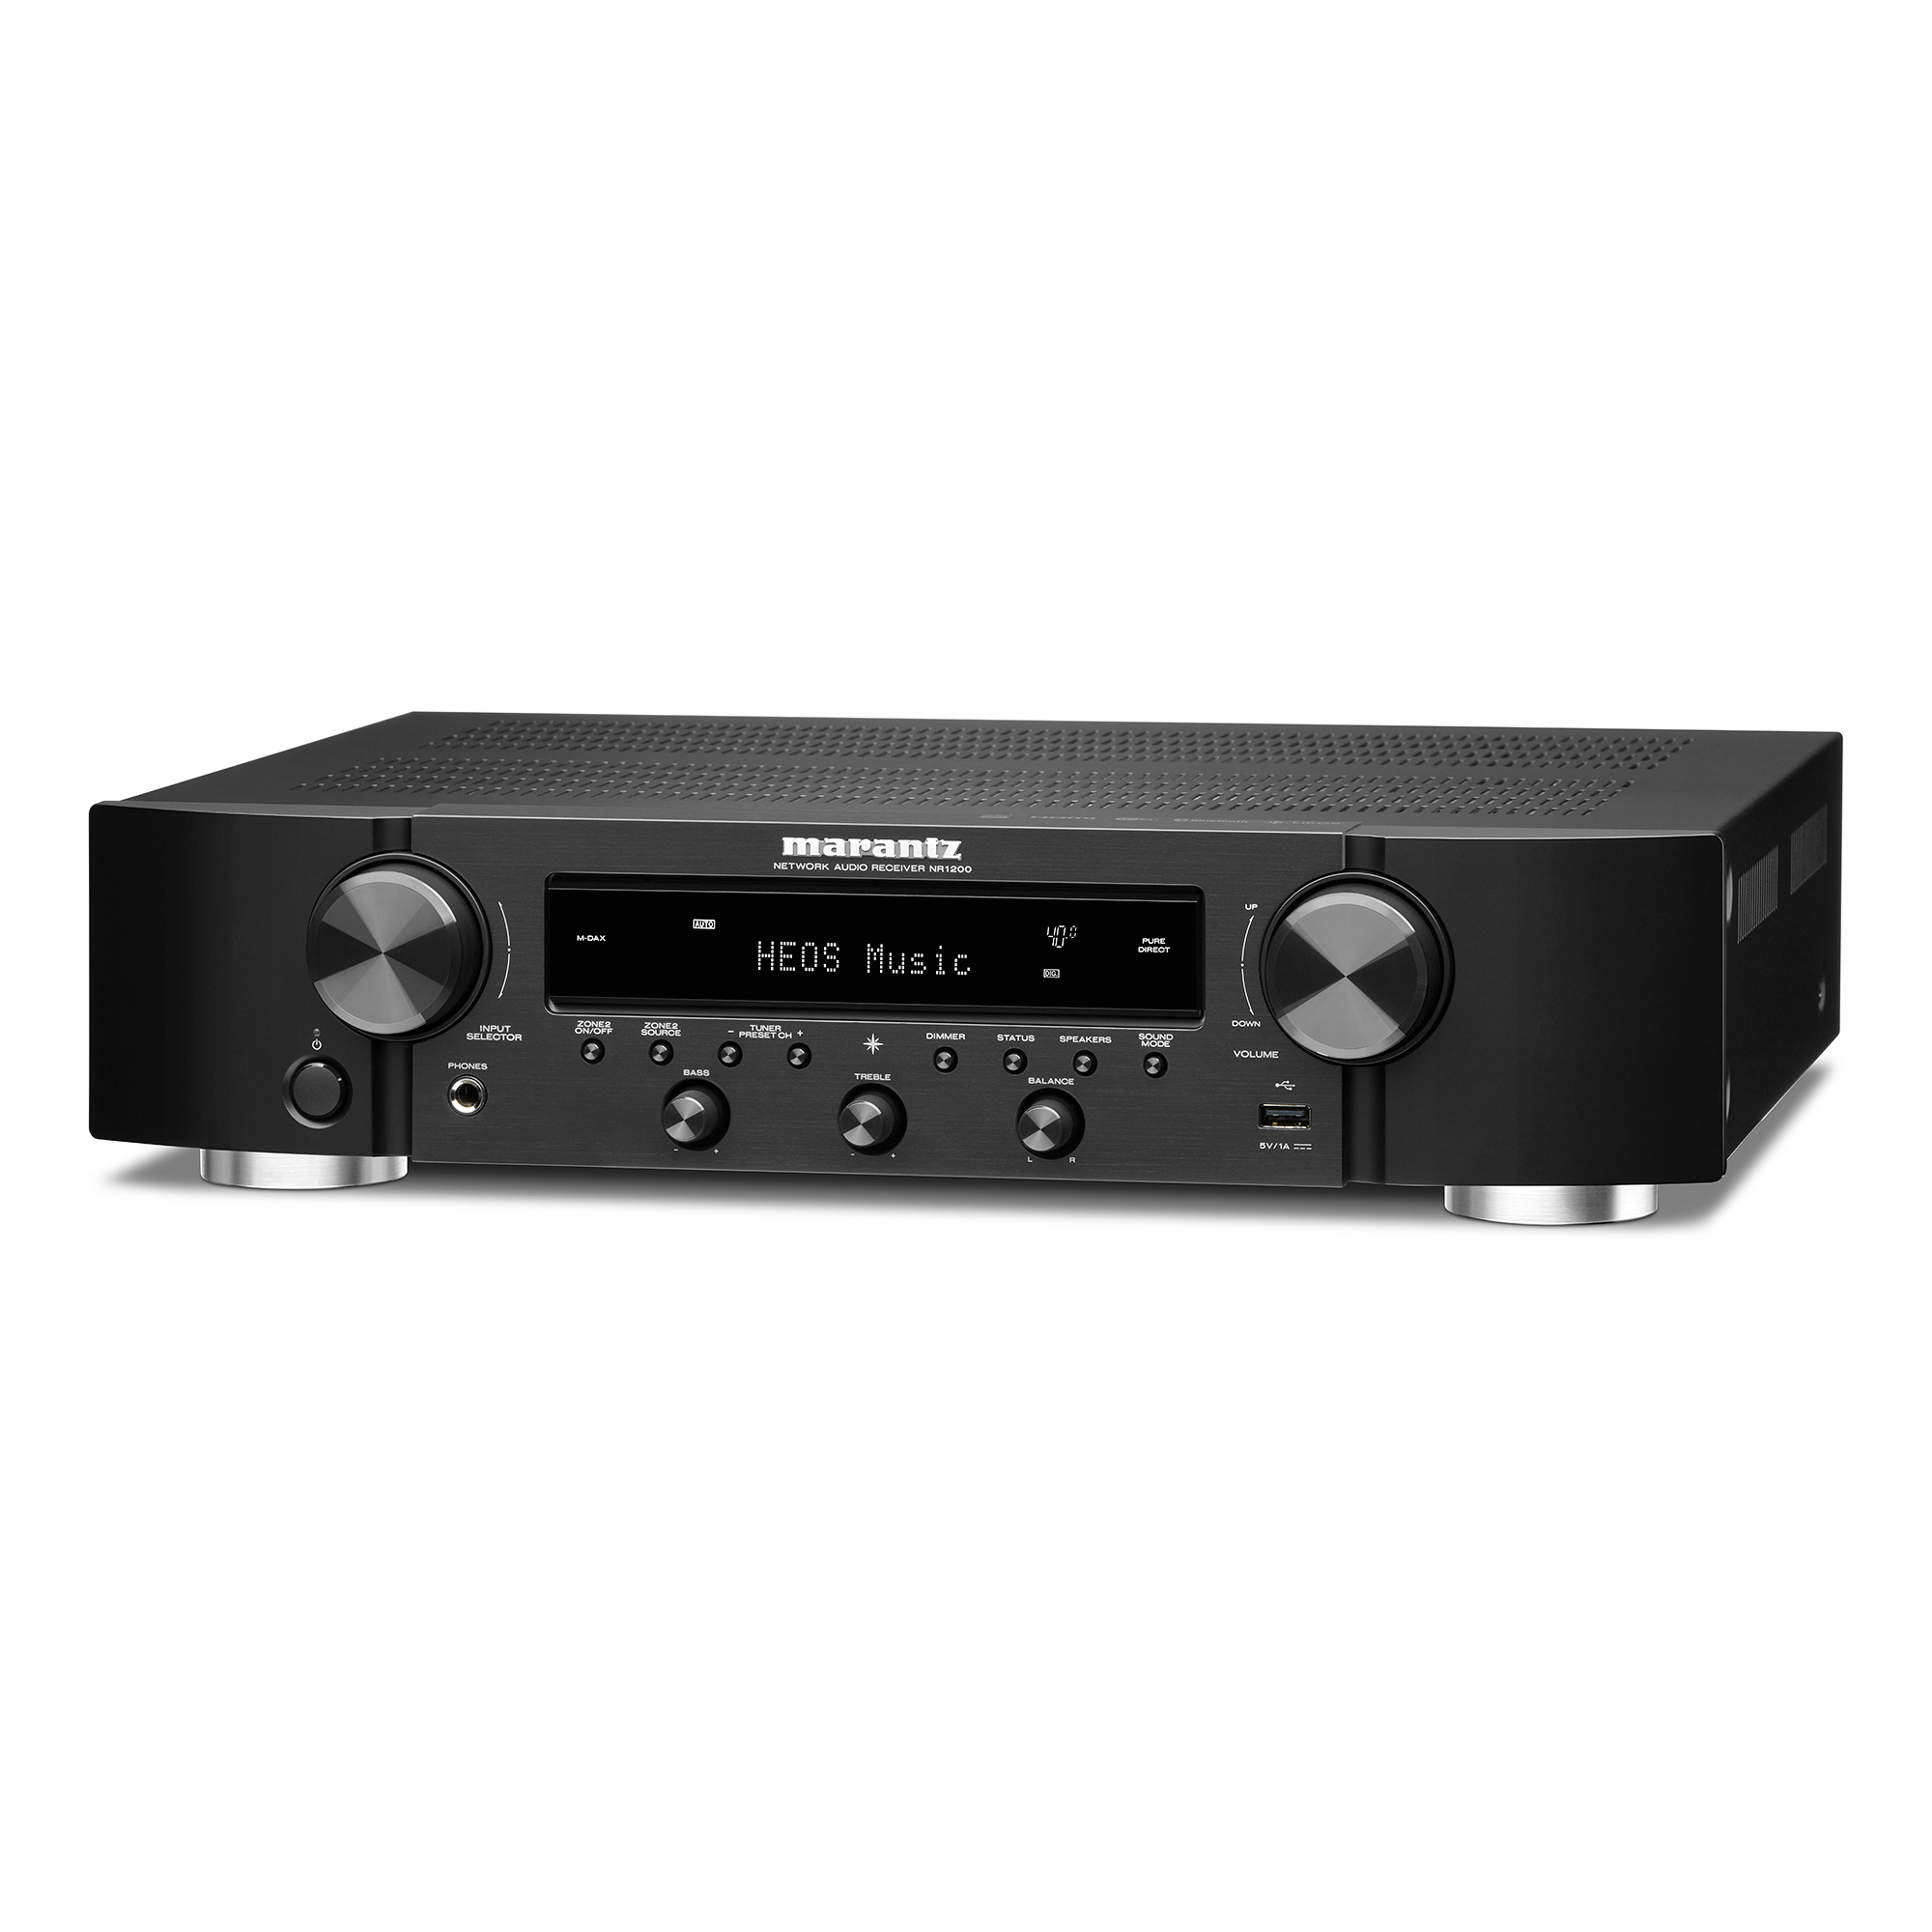 Marantz NR 1200 schwarz Stereo-Netzwerk-Receiver 101202